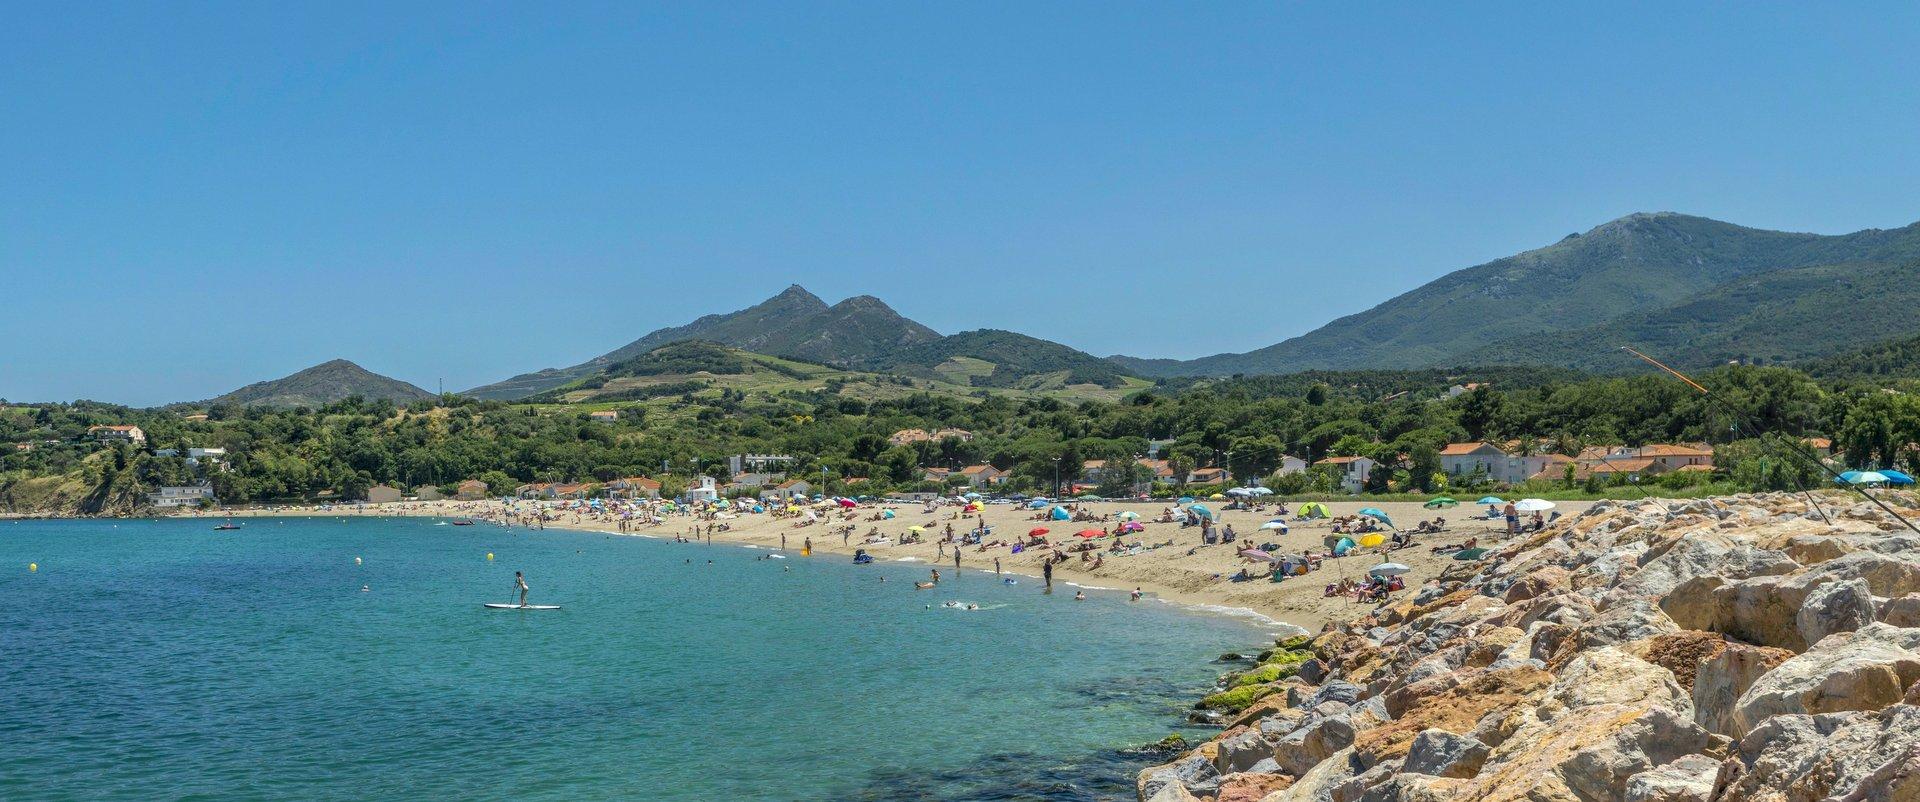 Strand »Racou« in Argelès-sur-Mer